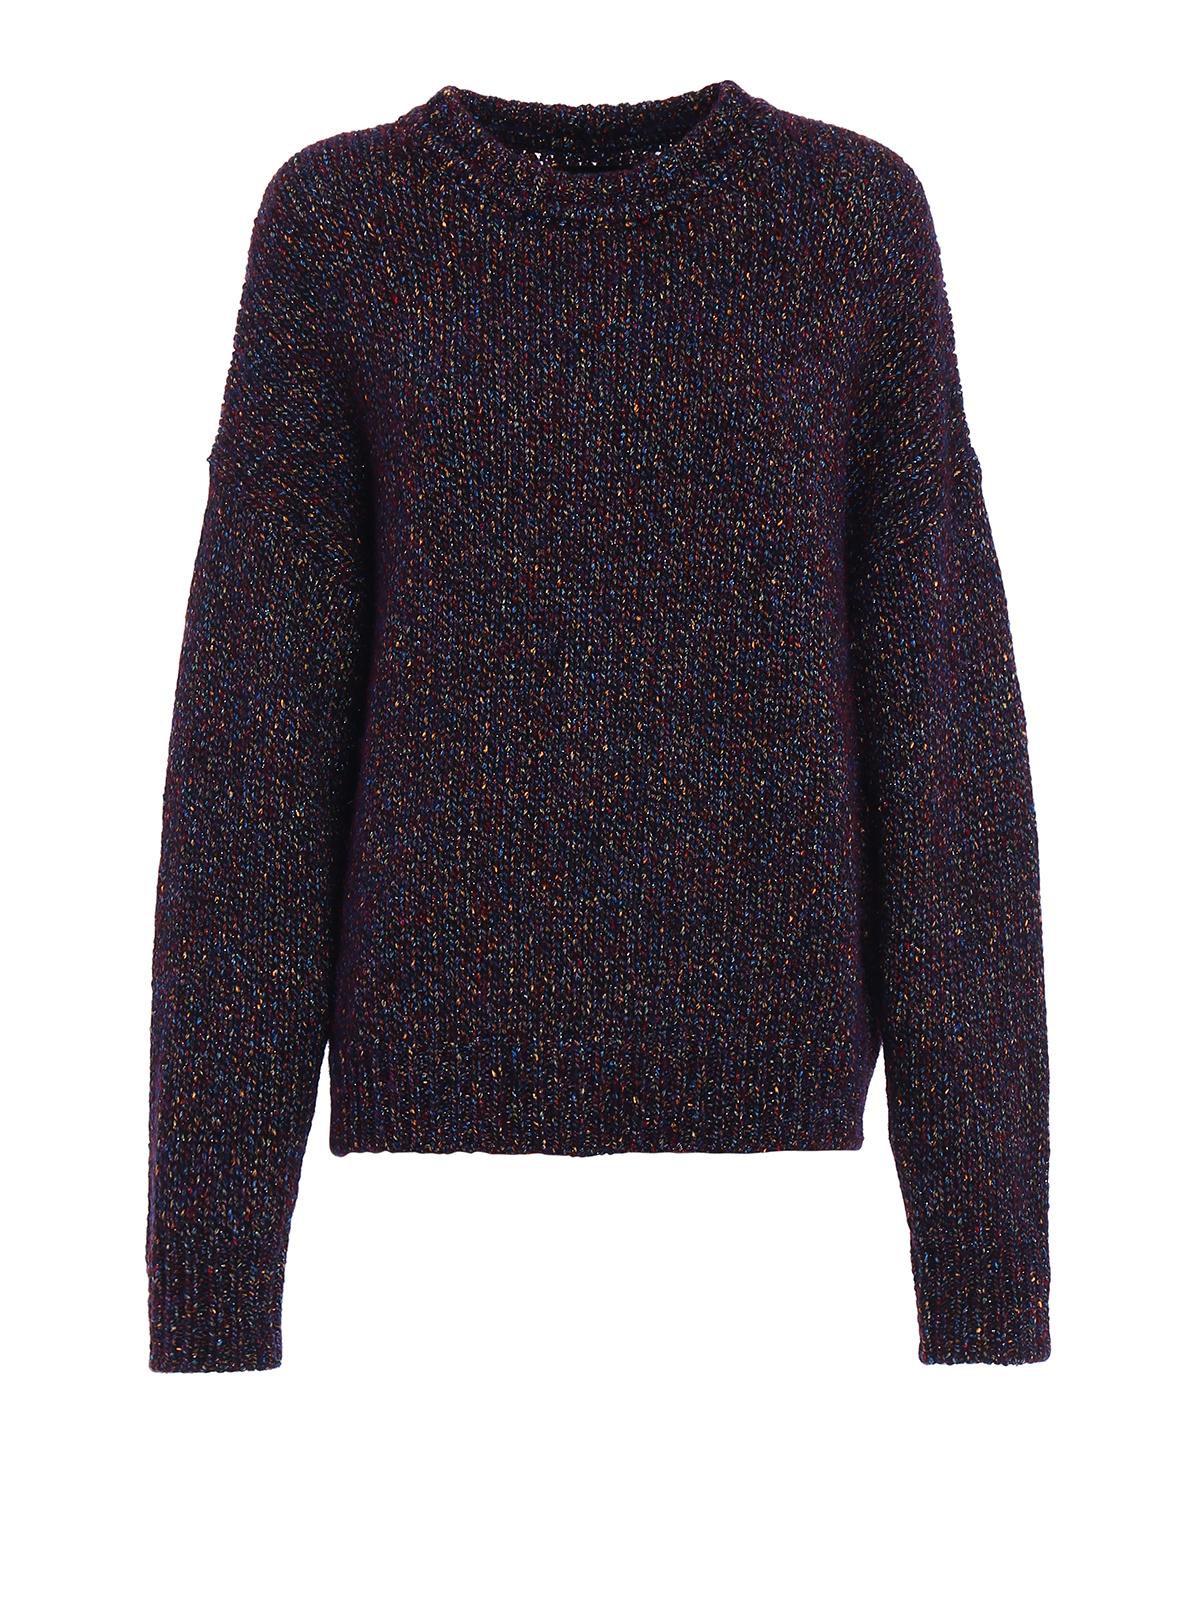 arthur lurex embellished pullover by isabel marant crew necks ikrix. Black Bedroom Furniture Sets. Home Design Ideas